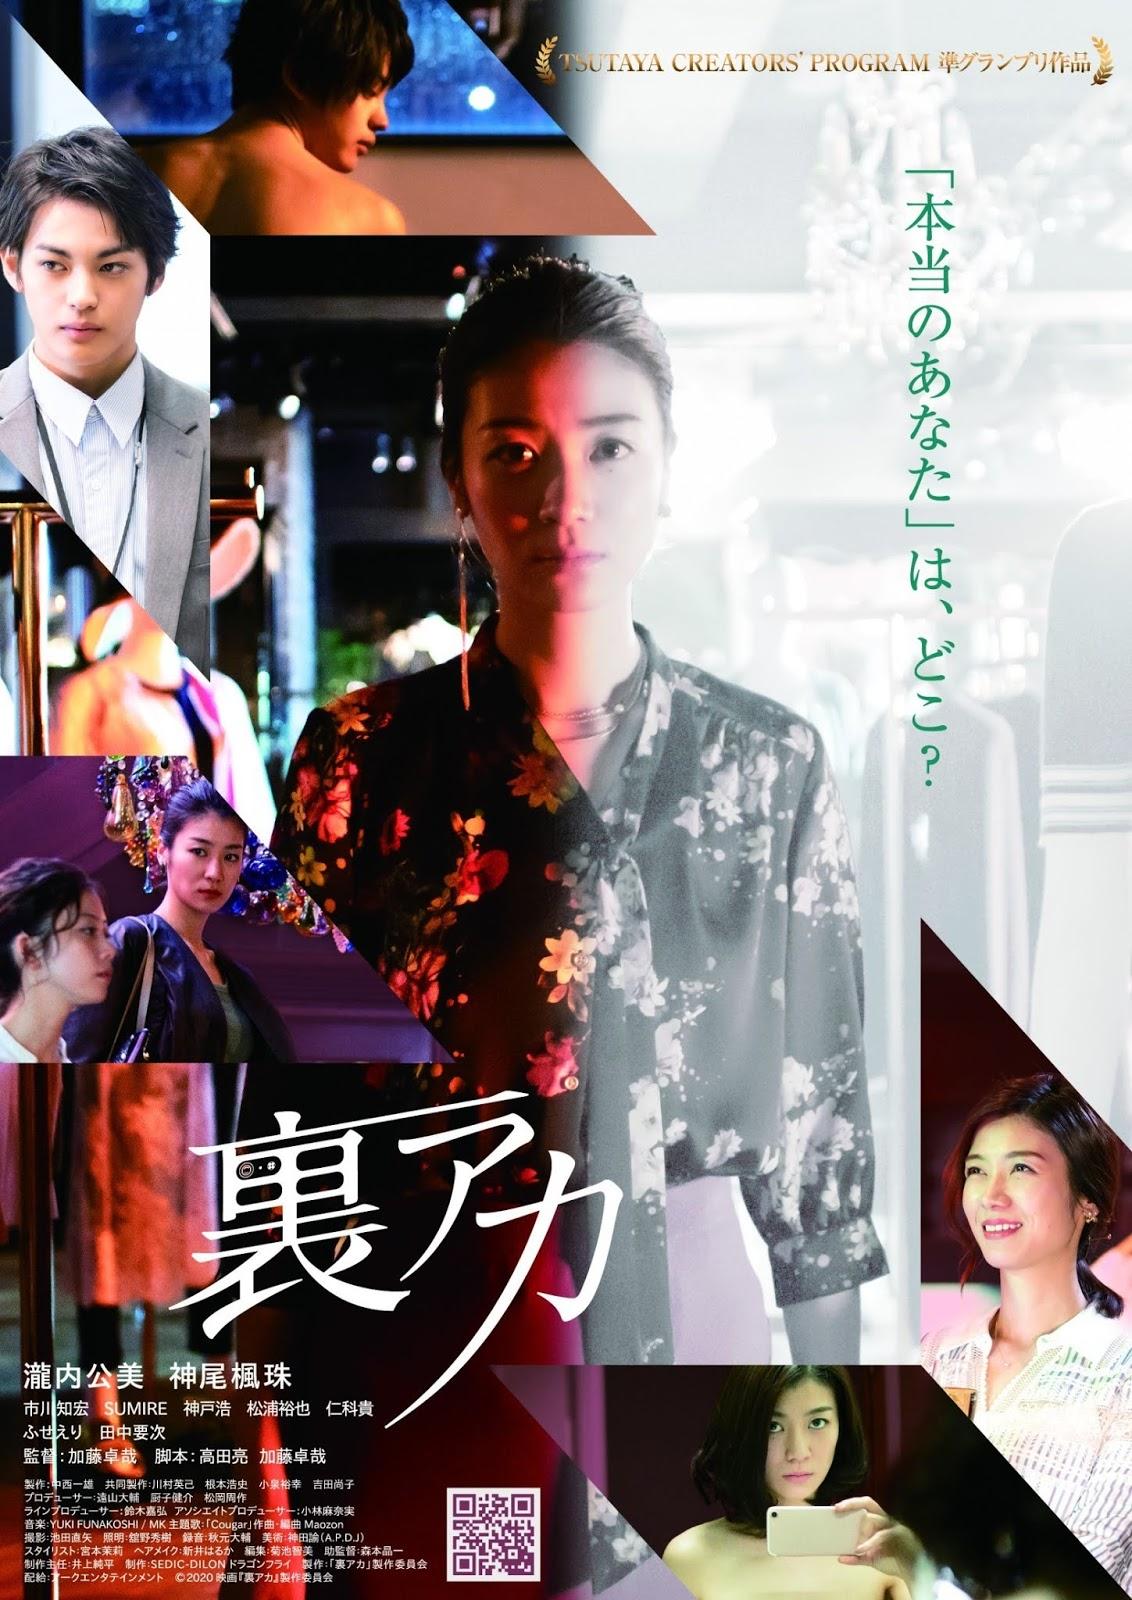 Ura Aka film - Takuya Kato